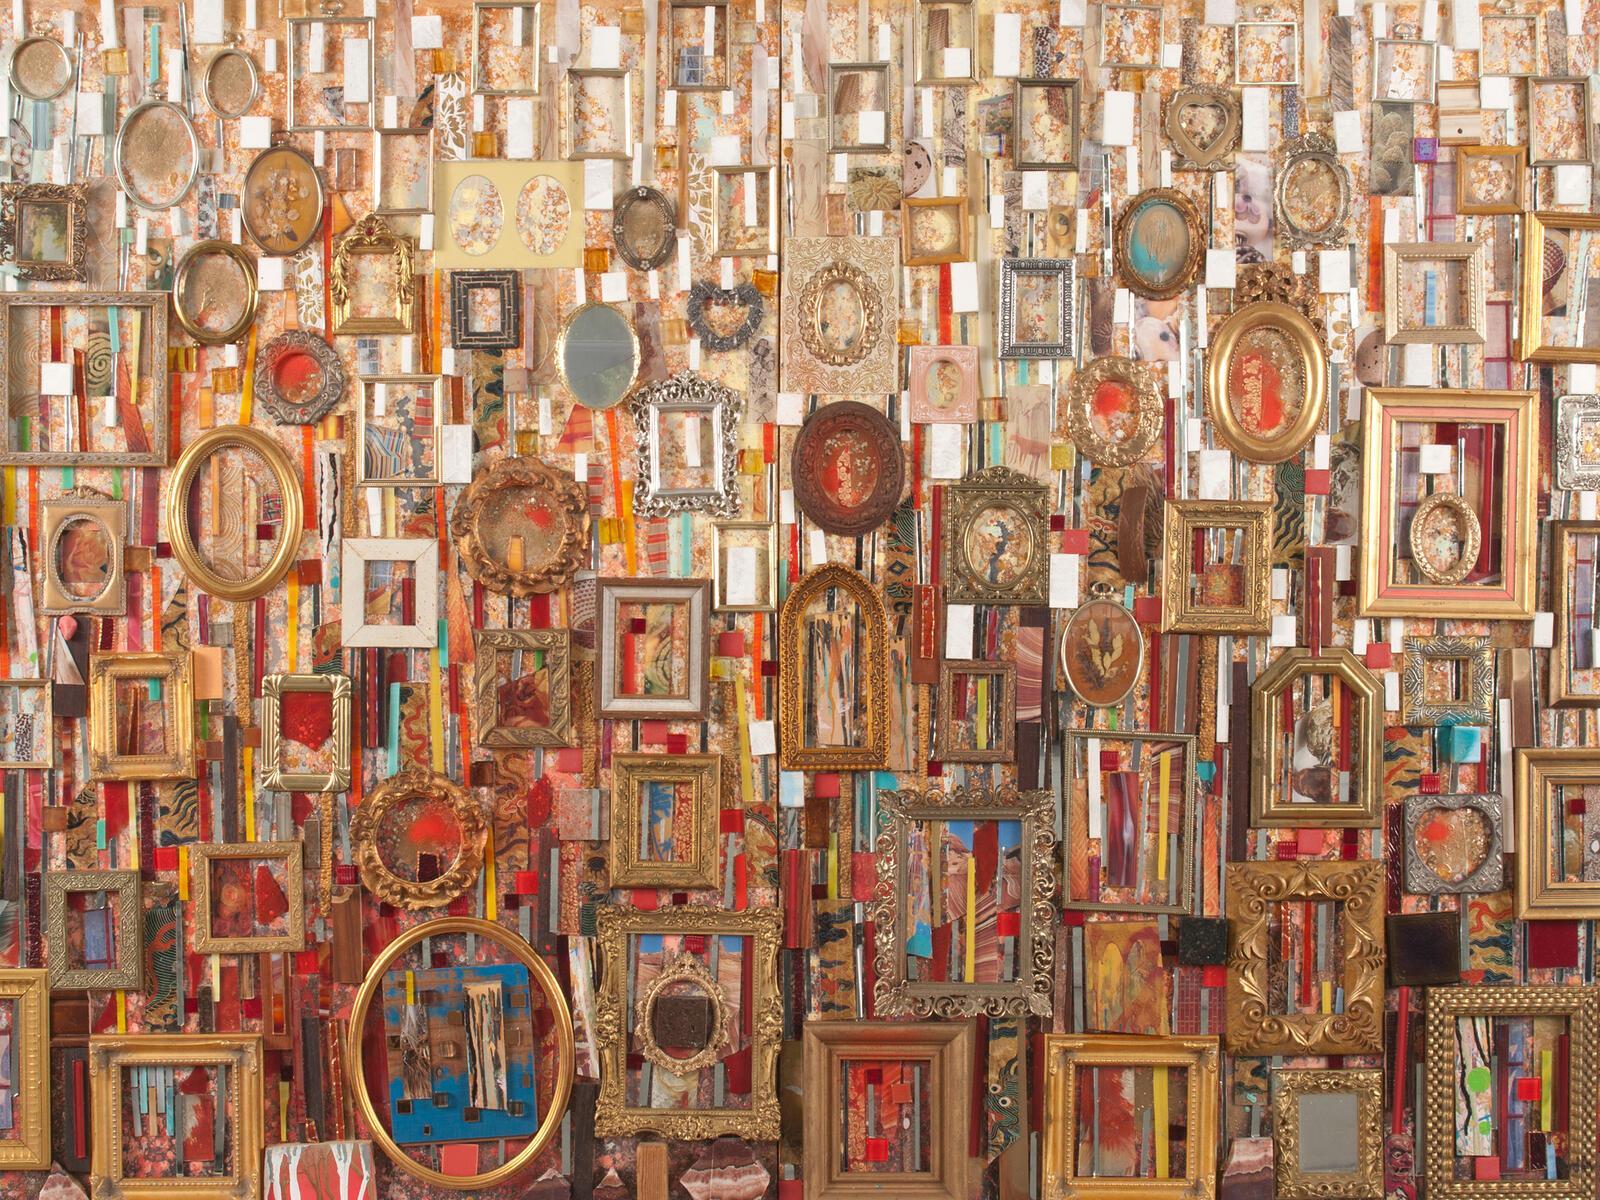 Une composition abstraite de techniques mixtes avec des cadres de différentes couleurs et formes